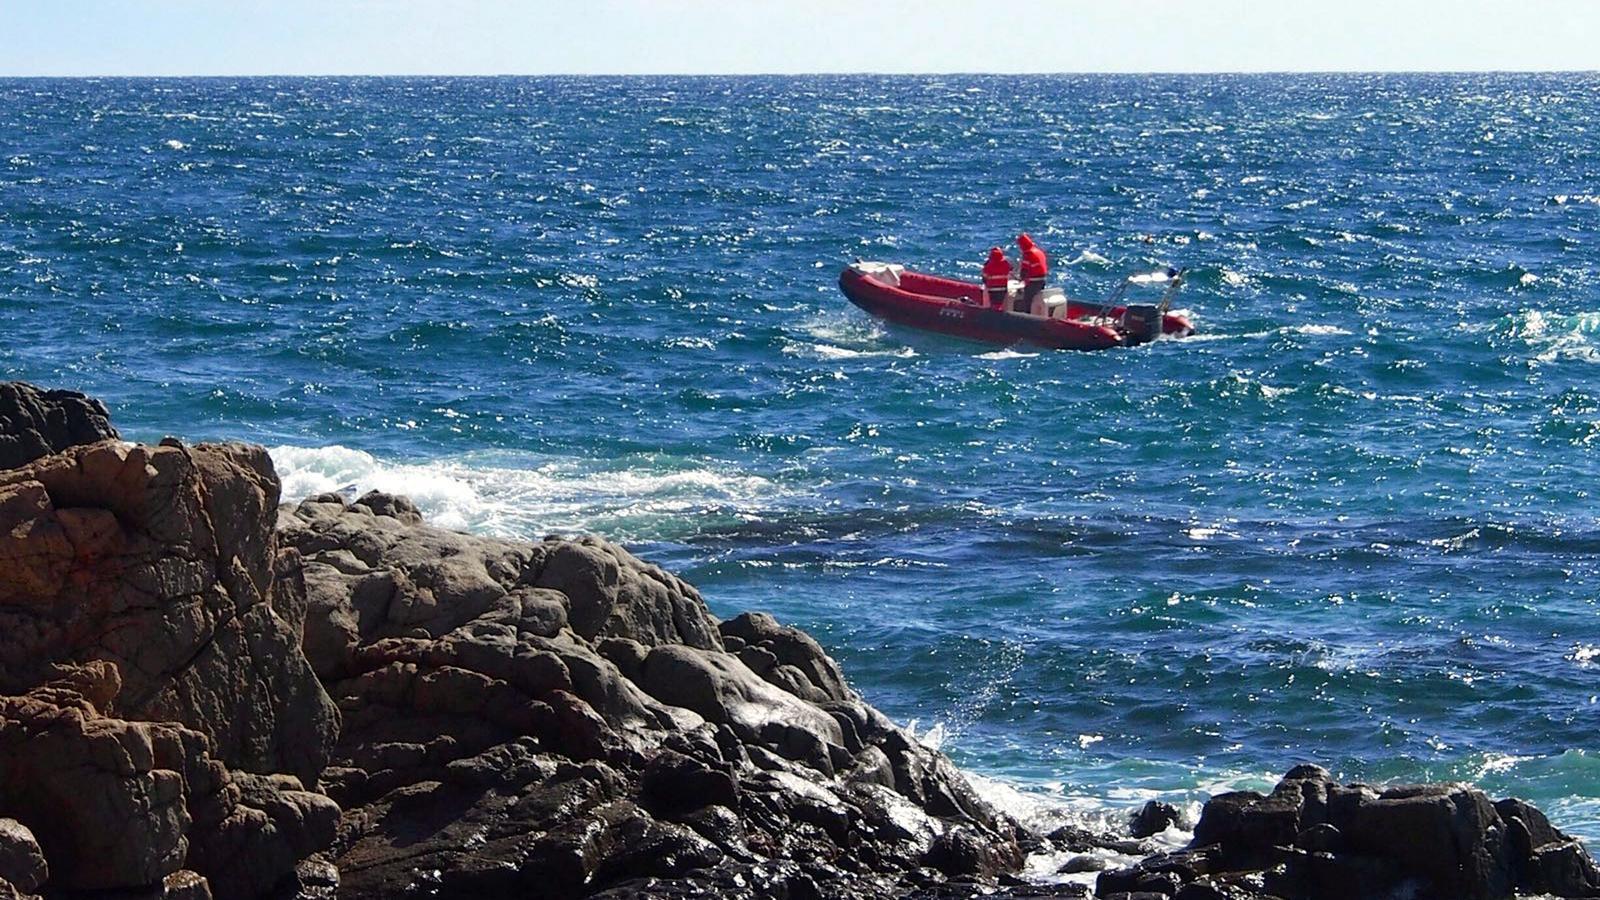 Busquen un caiaquista de 58 anys que es va perdre entre Blanes i Mataró